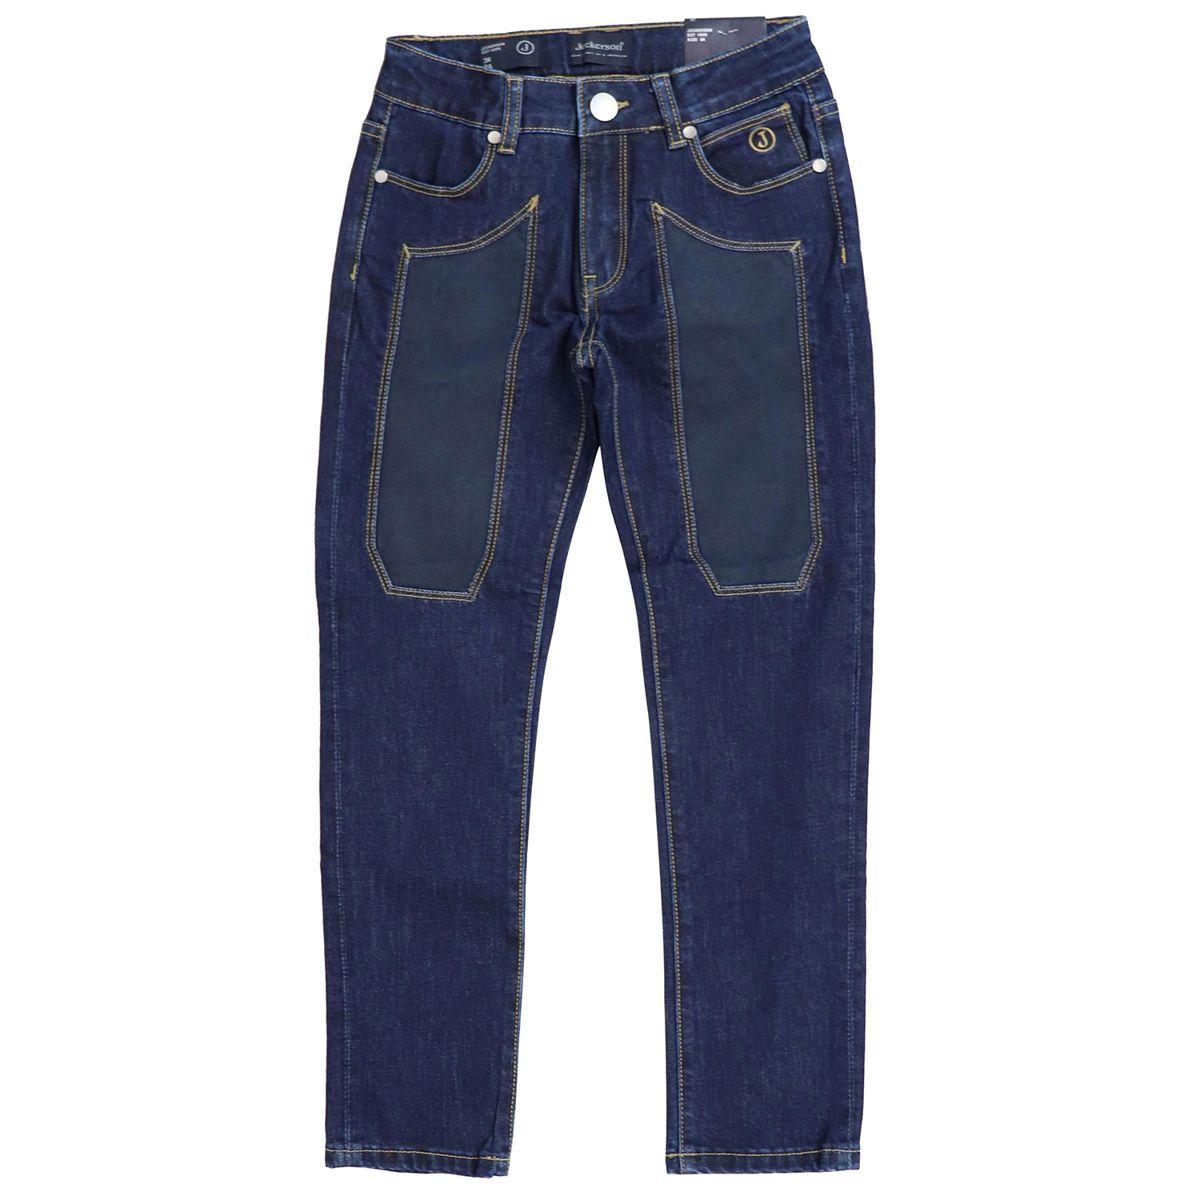 Dark denim jeans with alcantara patches Blue denim Jeckerson